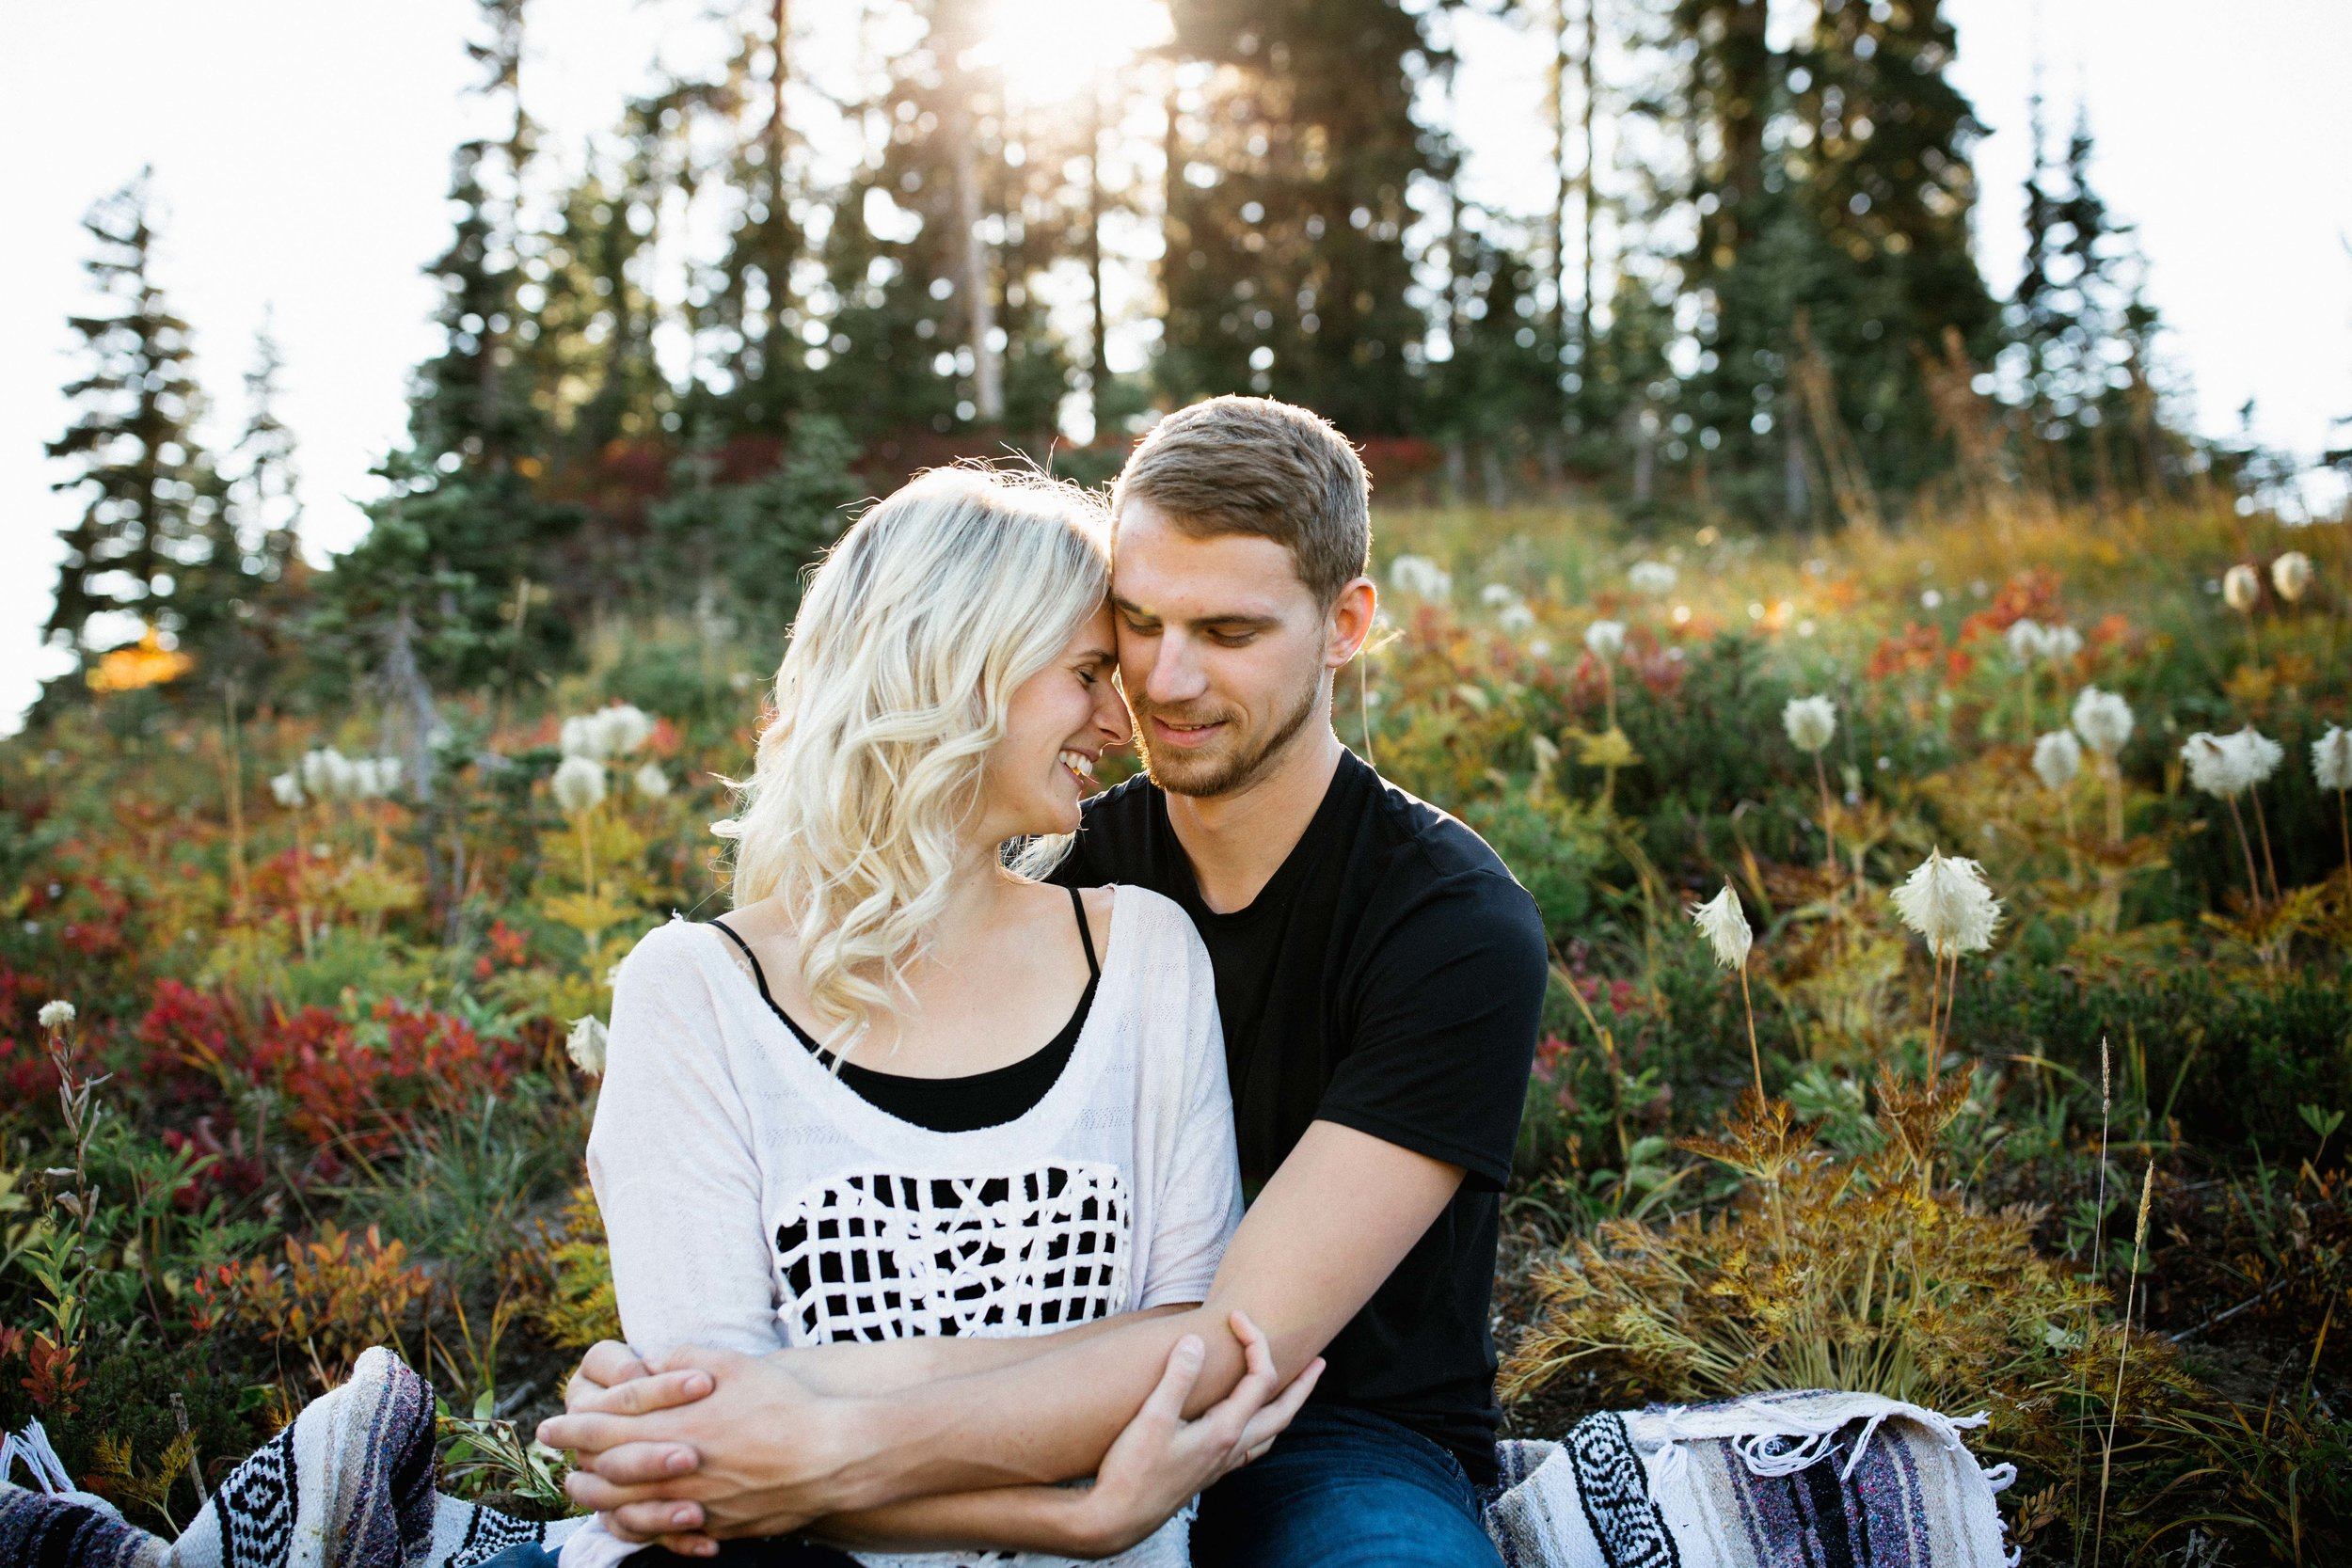 Alexis&Kyle-Engaged!BLOG-50.jpg